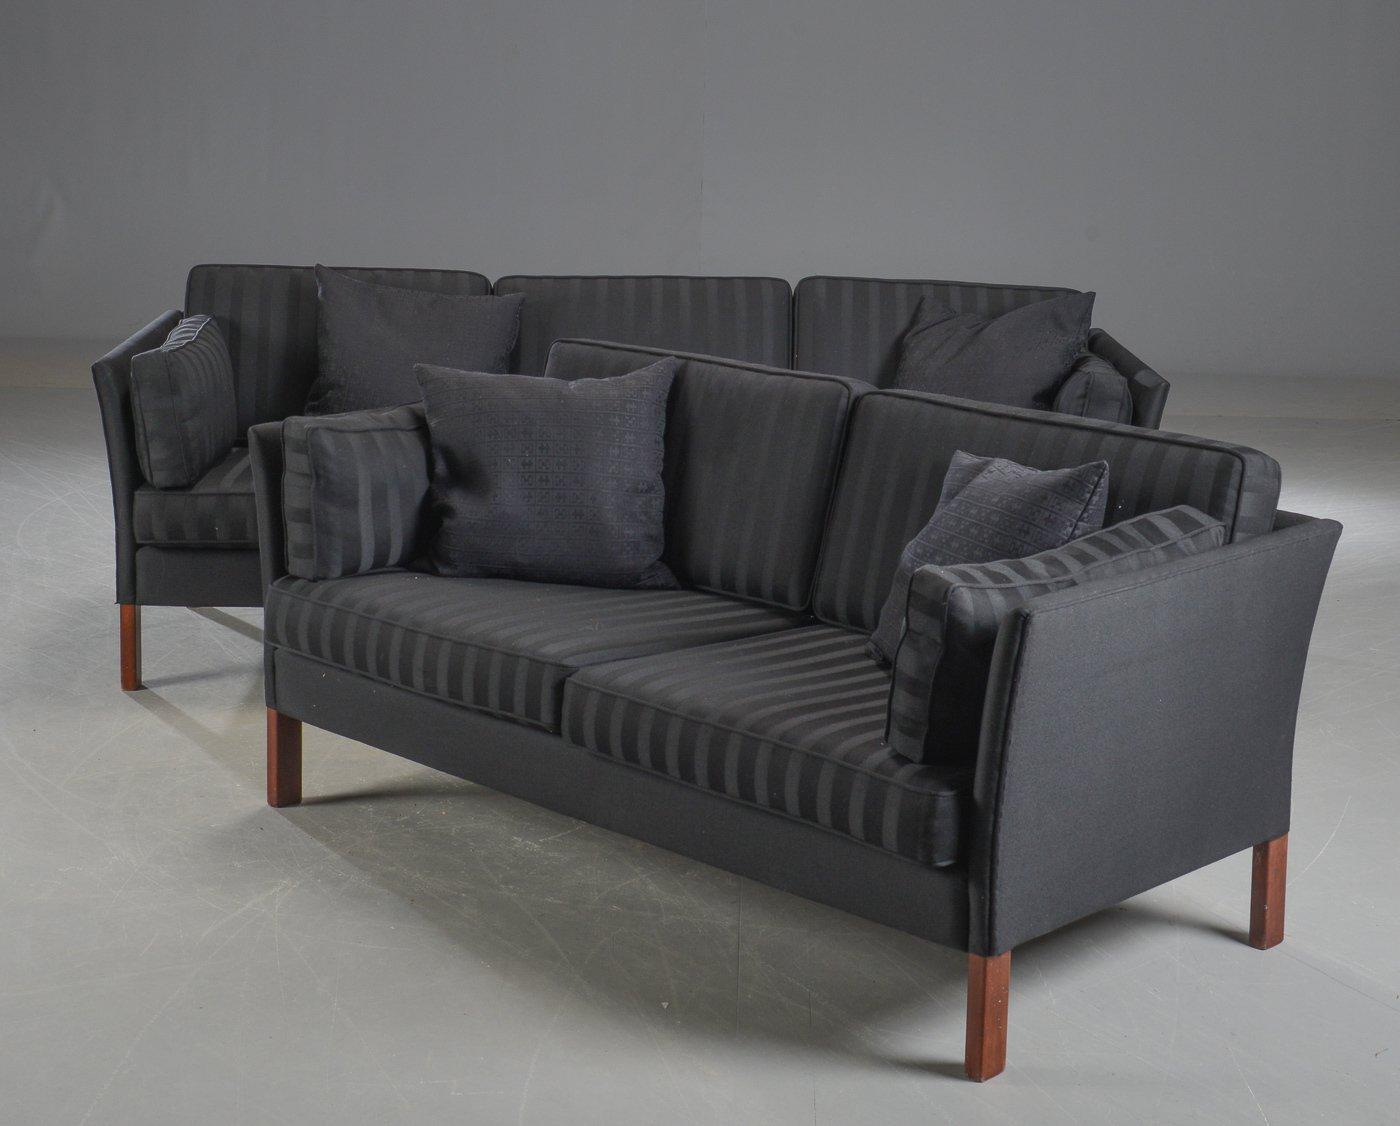 Dänische Vintage Sofas in Schwarz von Erik Jørgensen, 2er Set